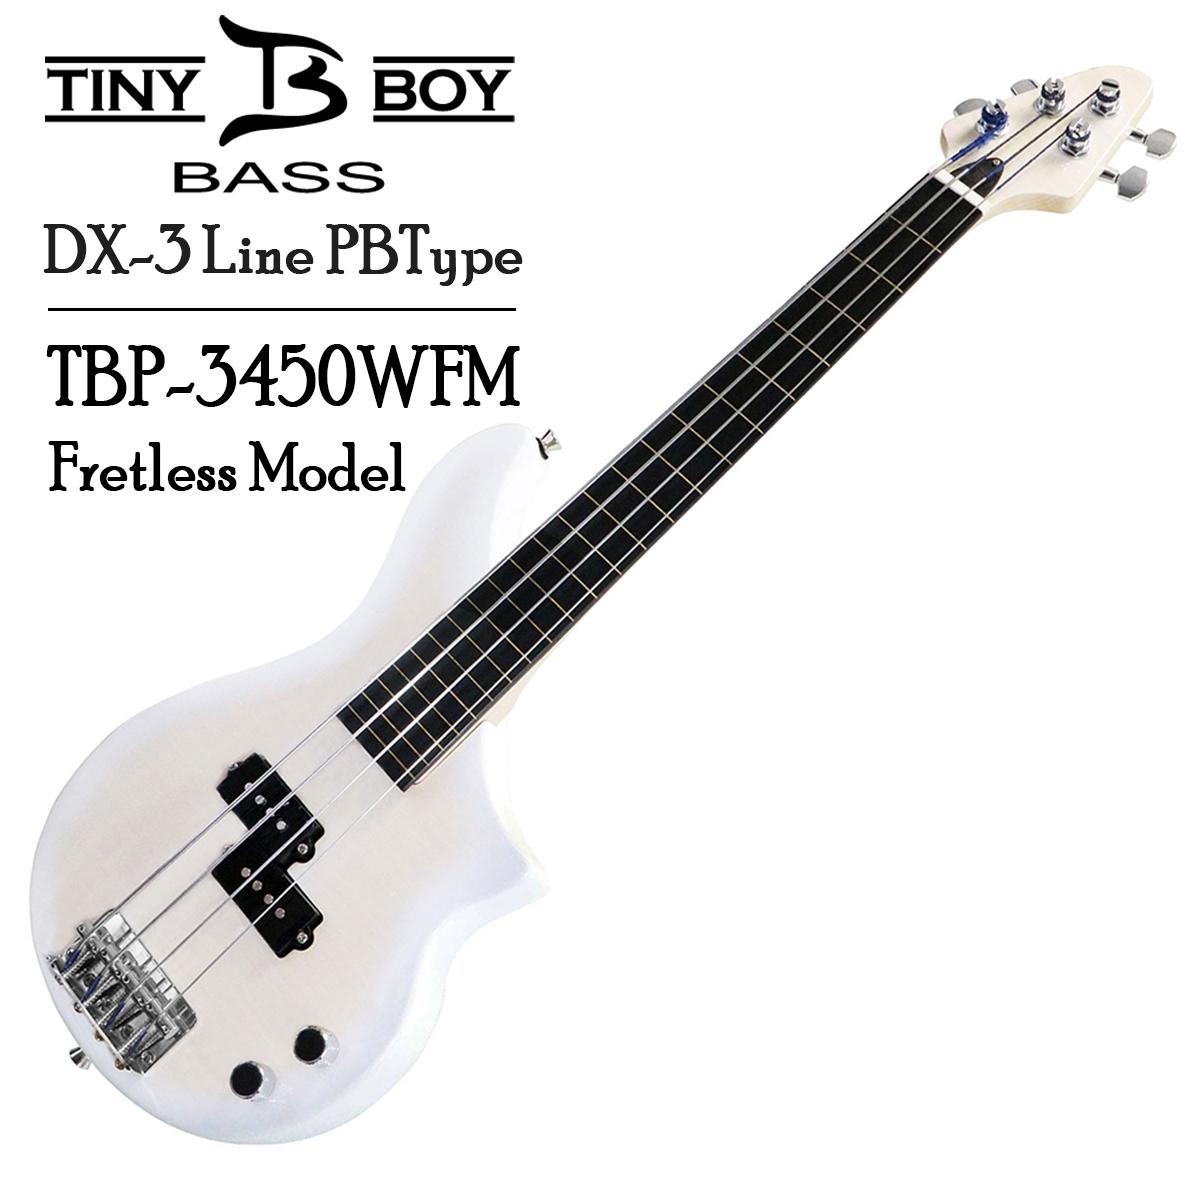 オープニング 大放出セール TINY TBP-3450WFM TINY BOY Model~ DX-3 Line TBP-3450WFM ~Fretless Model~ 新品[タイニーボーイ][フレットレス][White,ホワイト,白][Precision Bass,プレシジョンベース,プレベ], クイーンズコレクション:e3b3b00f --- cpps.dyndns.info